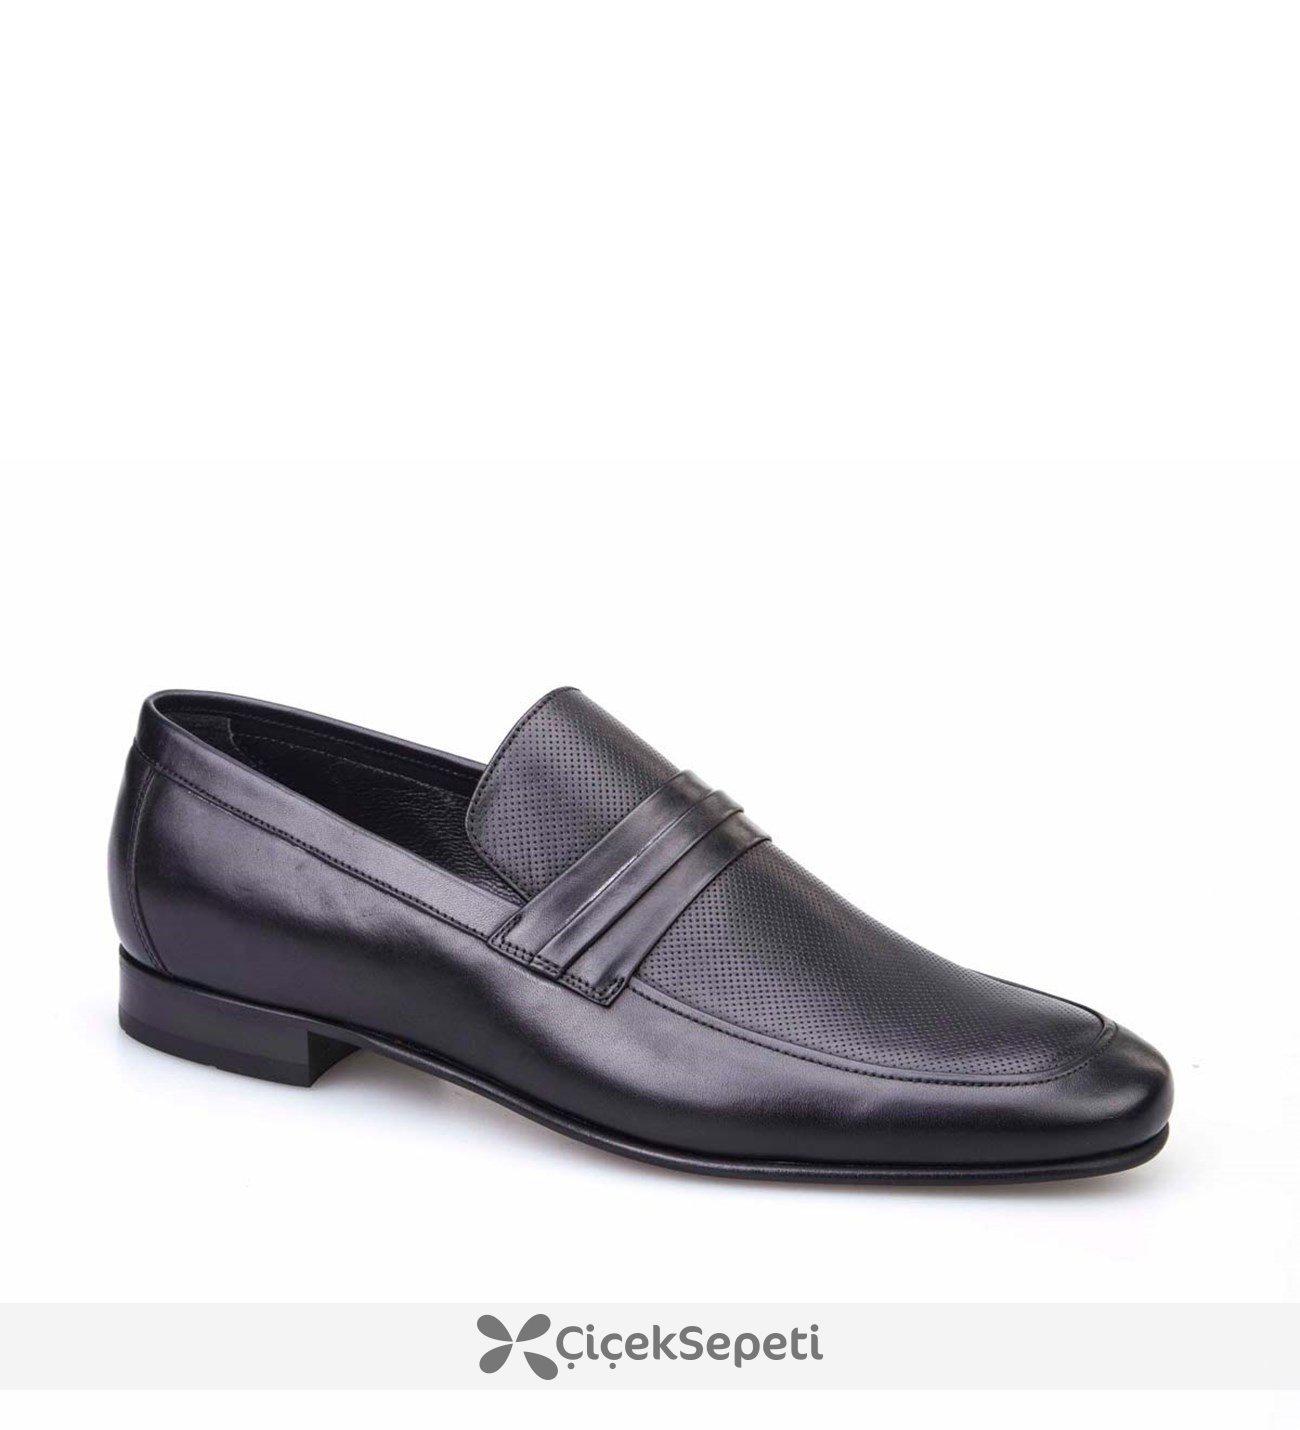 Baskılı Siyah Ayakkabı